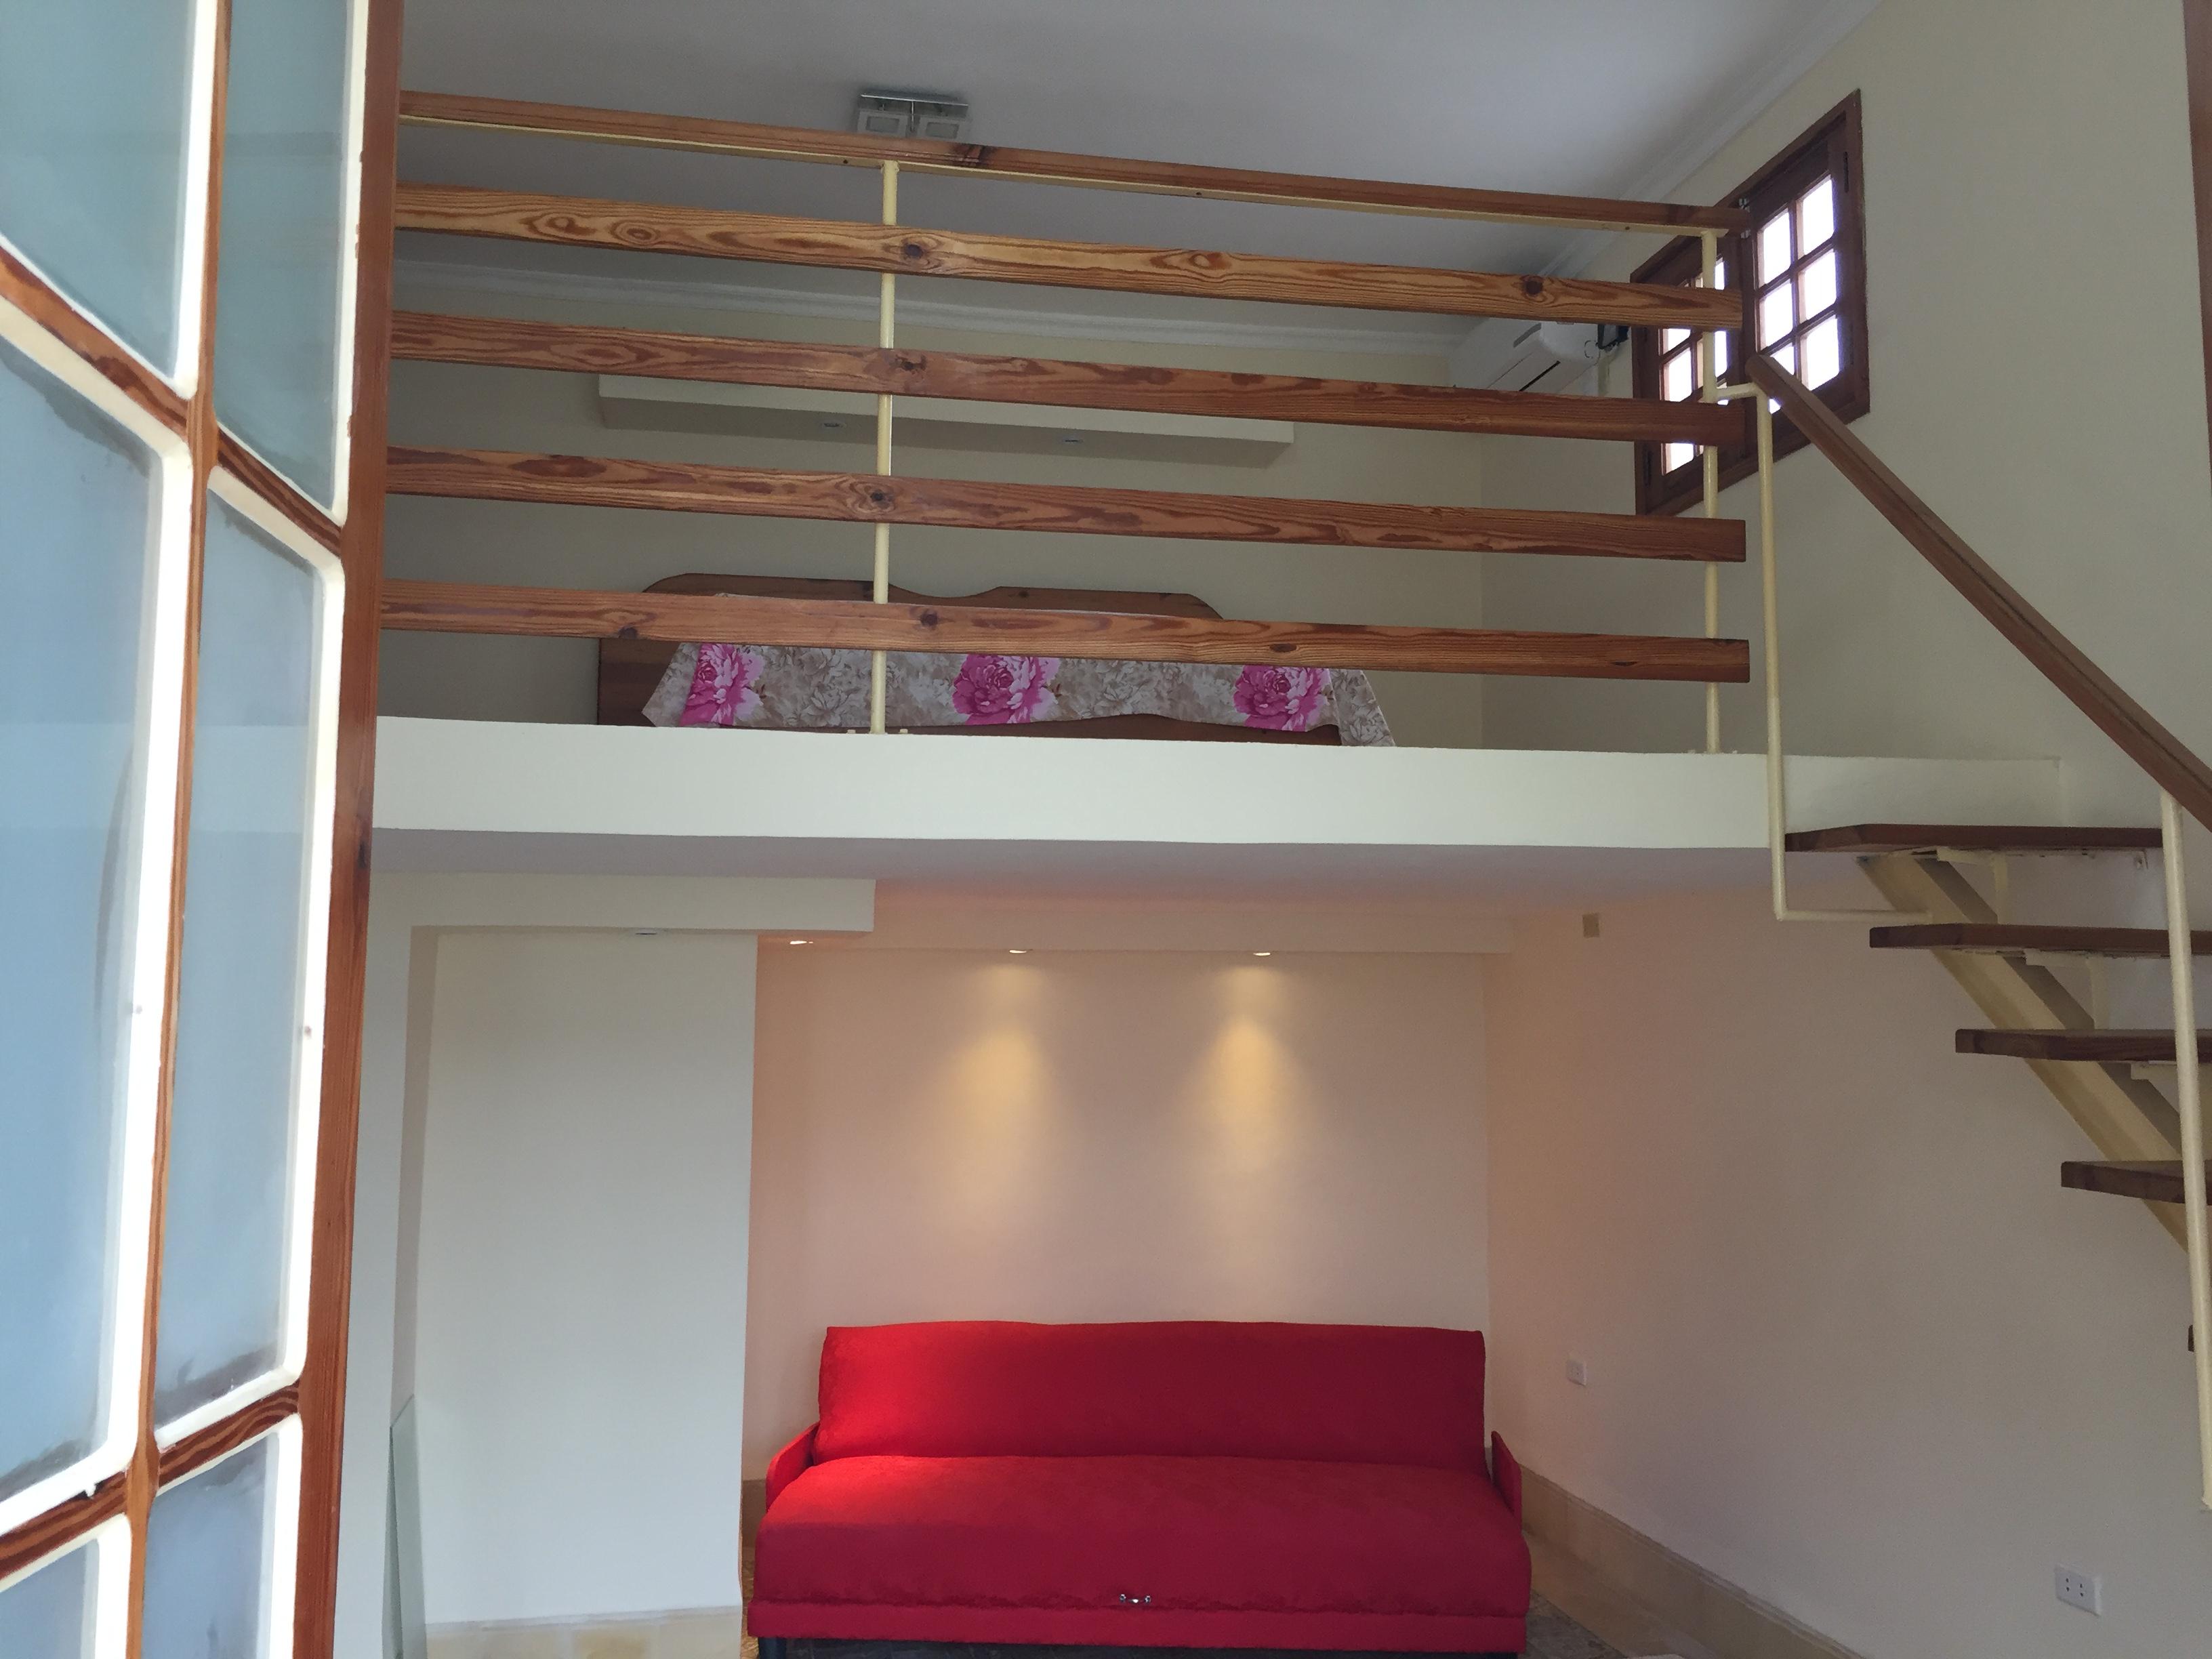 Schlafcouch und Galerie-Schlafzimmer